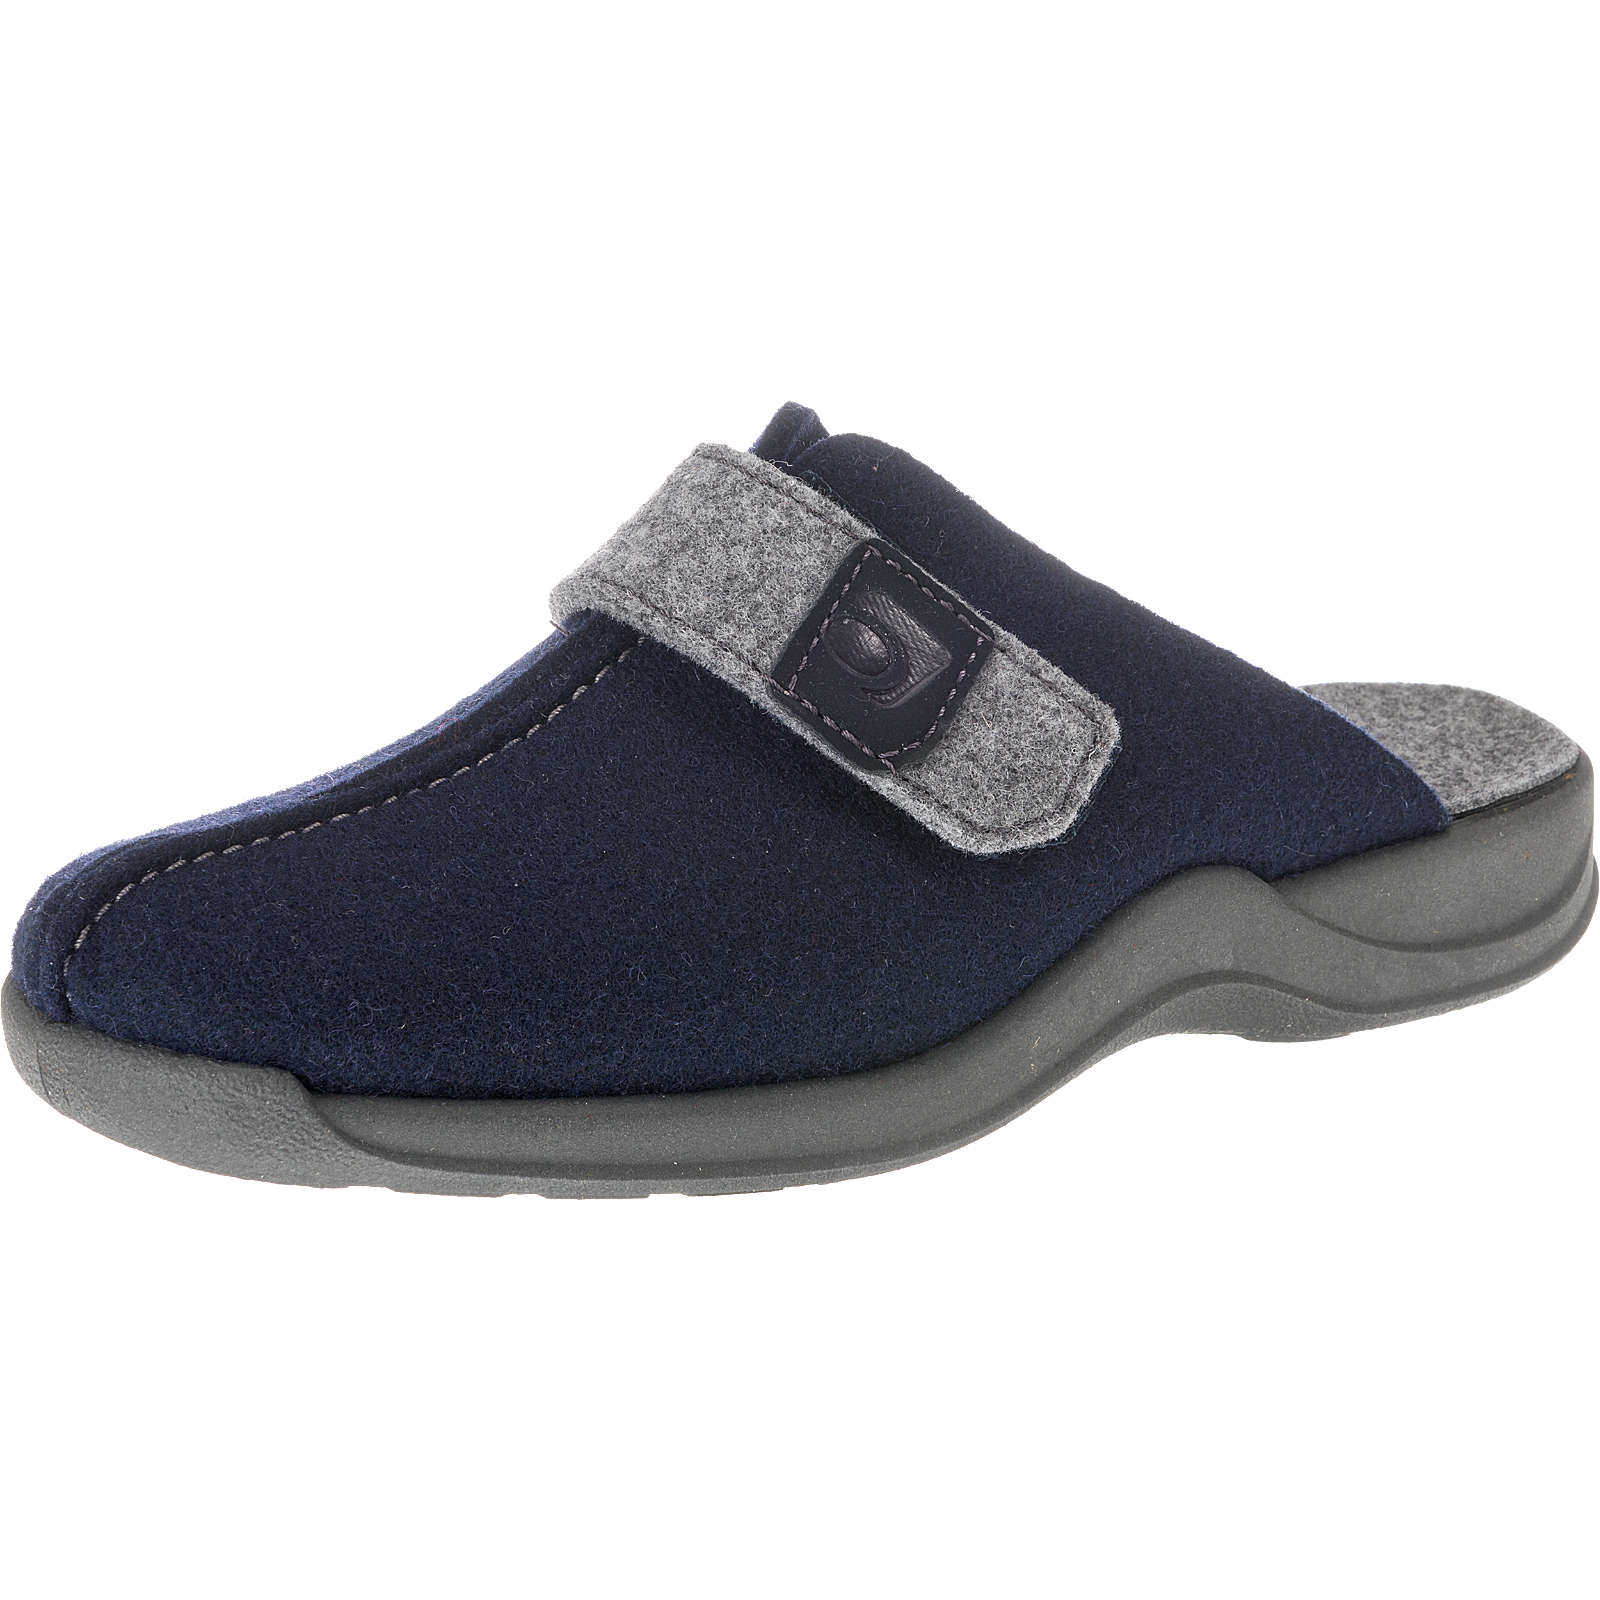 ROHDE Vaasa-D Pantoffeln dunkelblau Damen Gr. 42